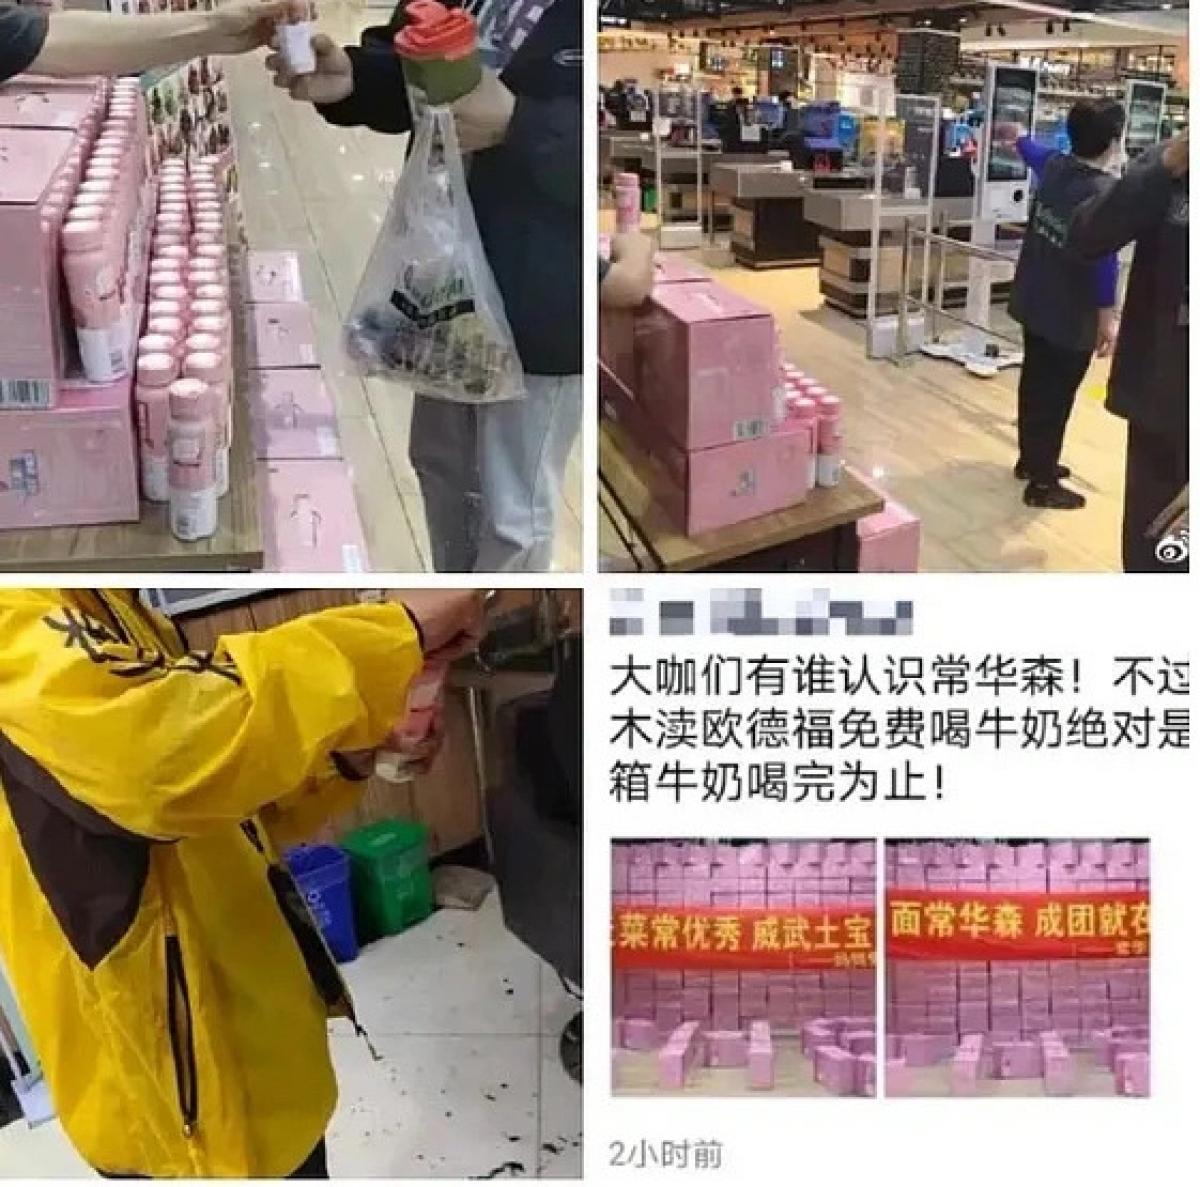 Hình ảnh lãng phí sữa để lấy mã số bầu chọn cho thí sinh. Ảnh:Sina.